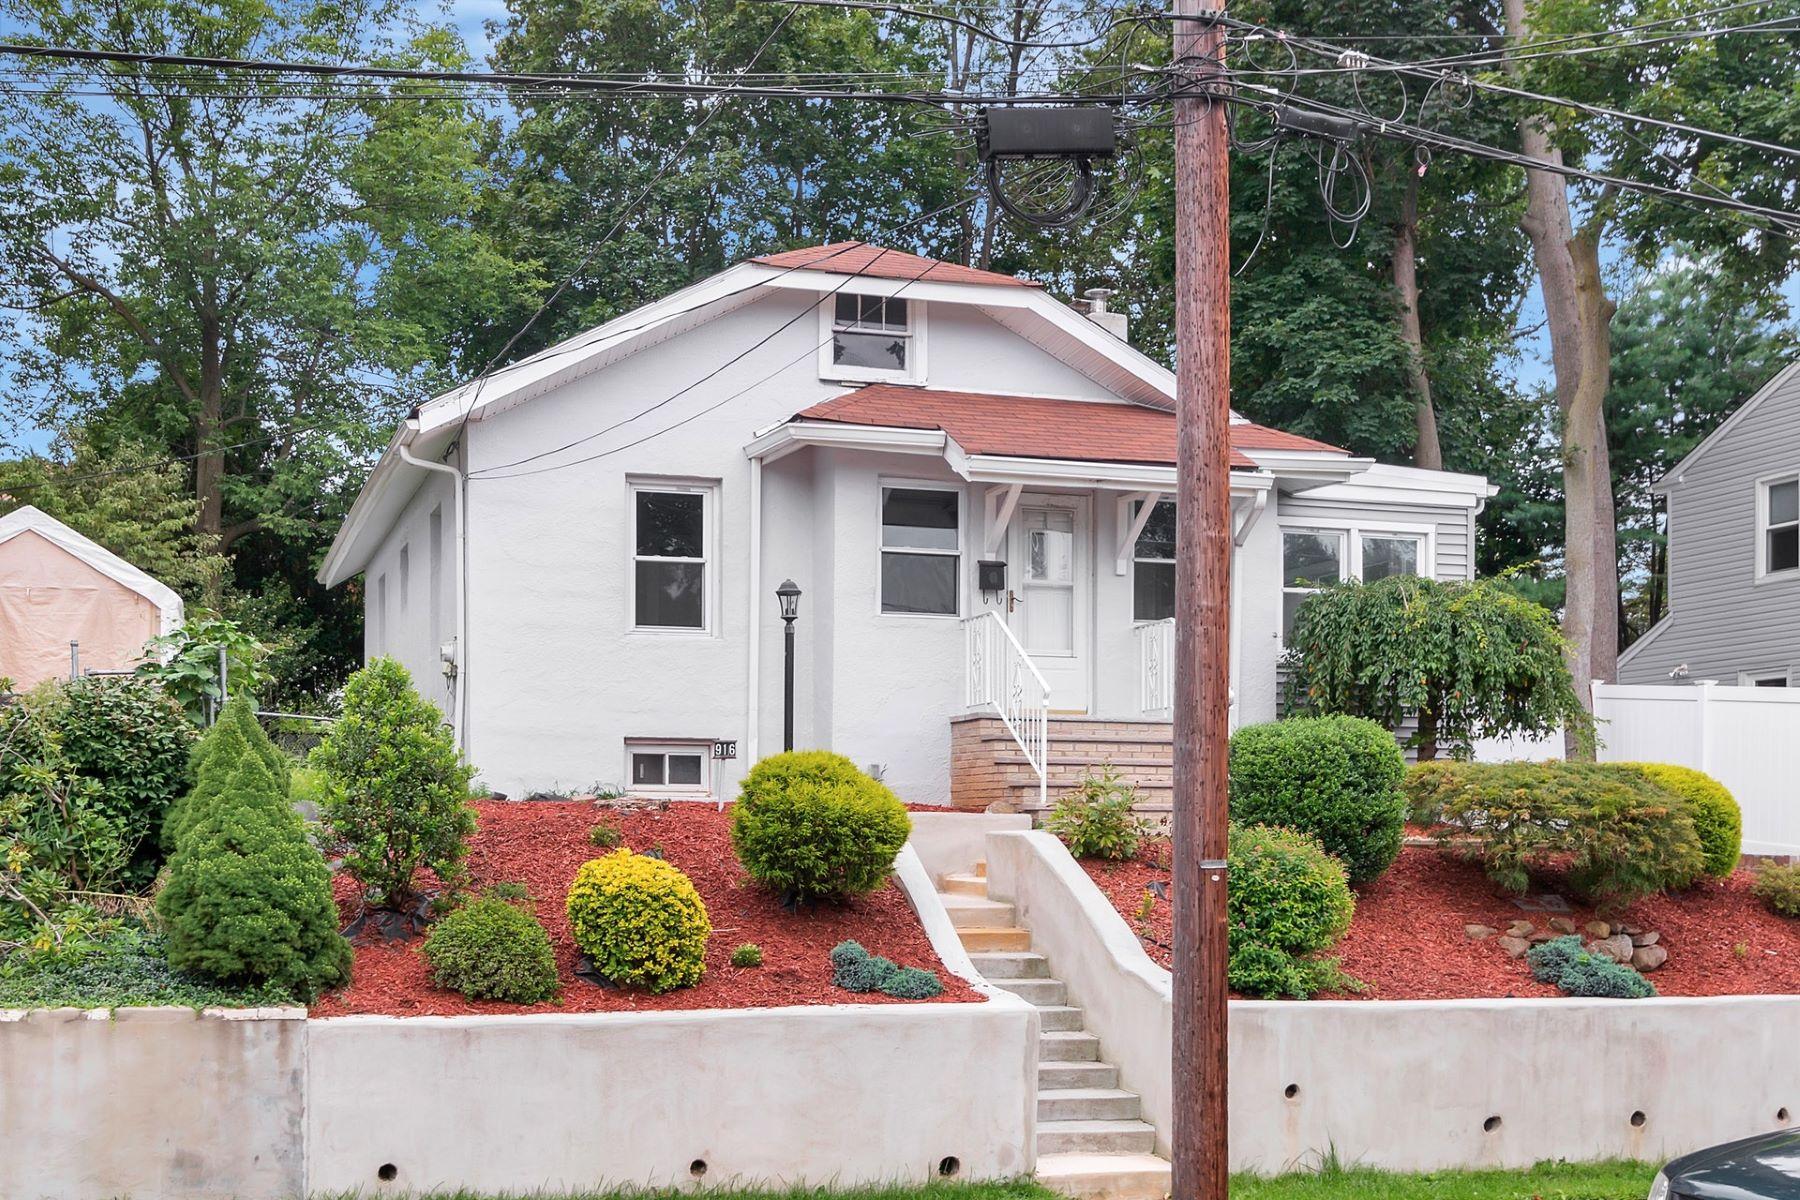 Частный односемейный дом для того Продажа на Renovated River Edge Ranch! 916 Poplar Avenue River Edge, Нью-Джерси 07661 Соединенные Штаты